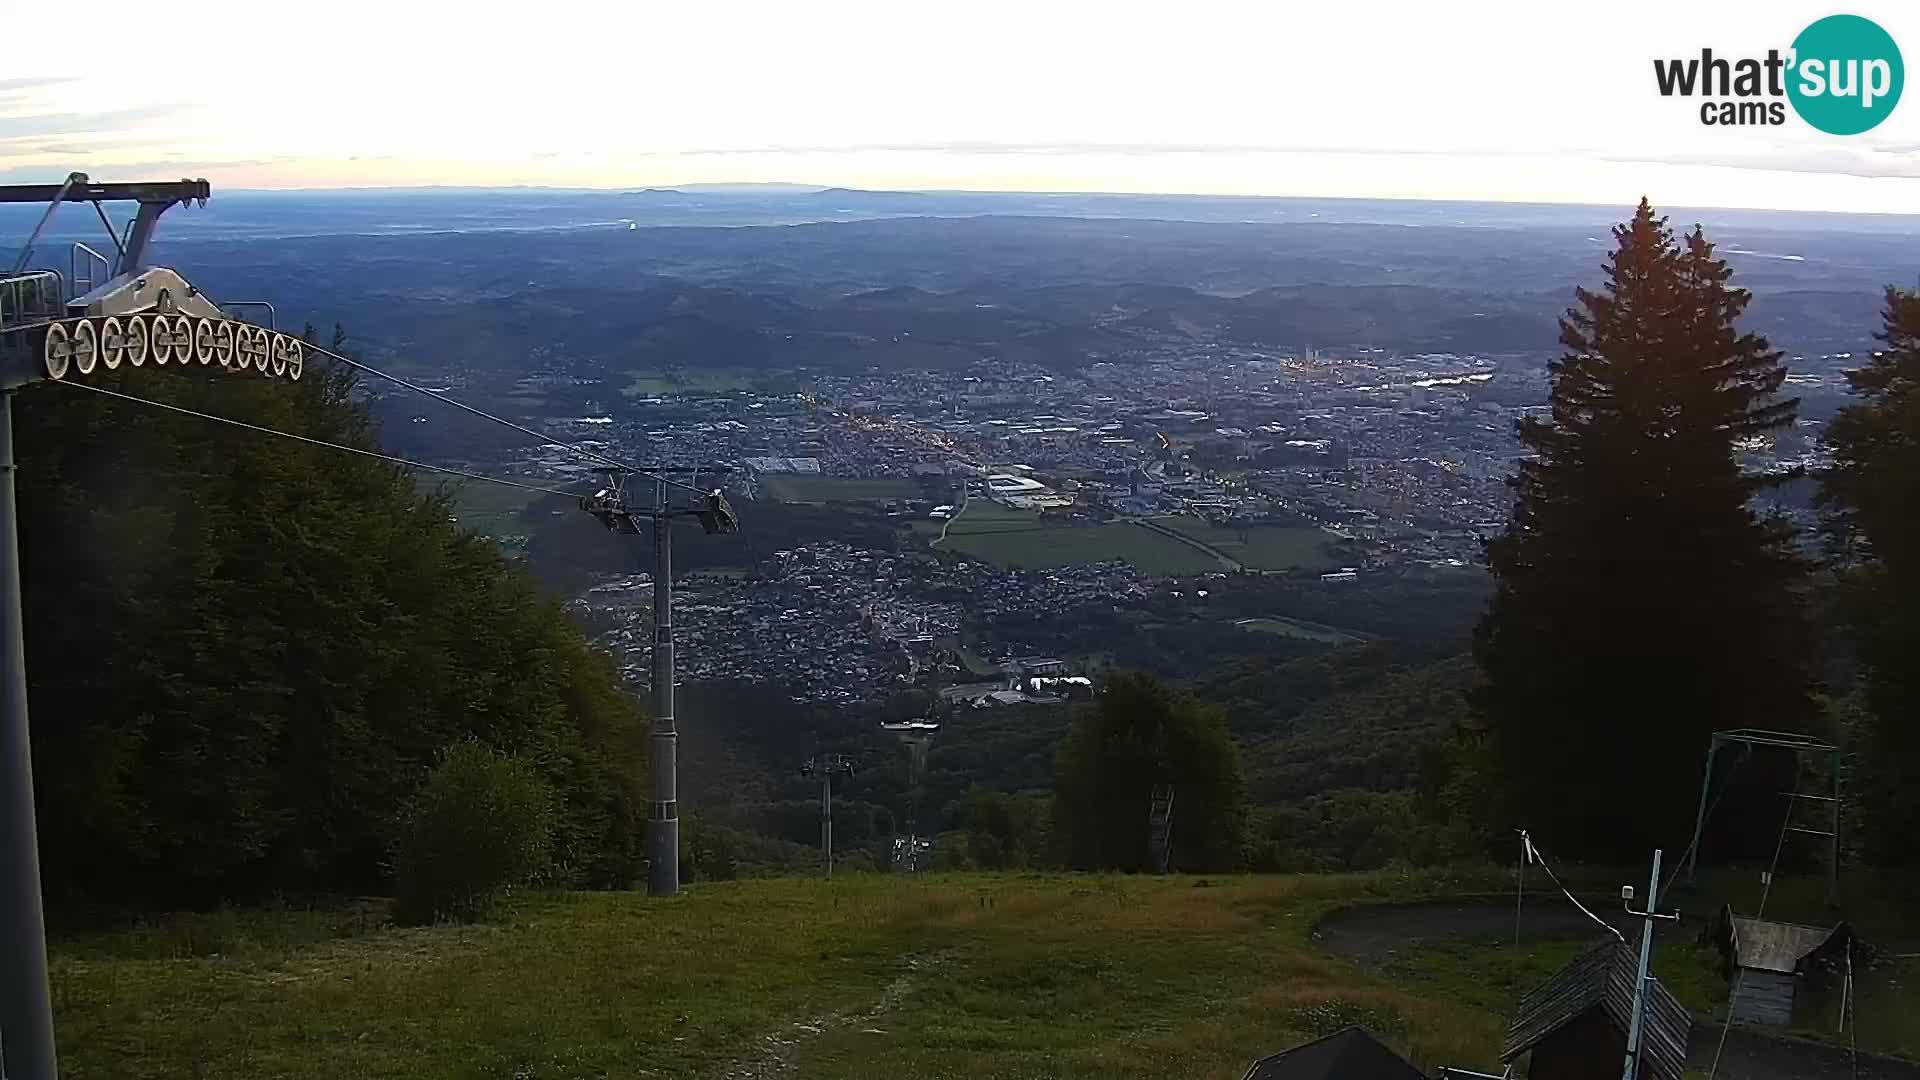 Livecam Maribor Pohorje – Bellevue